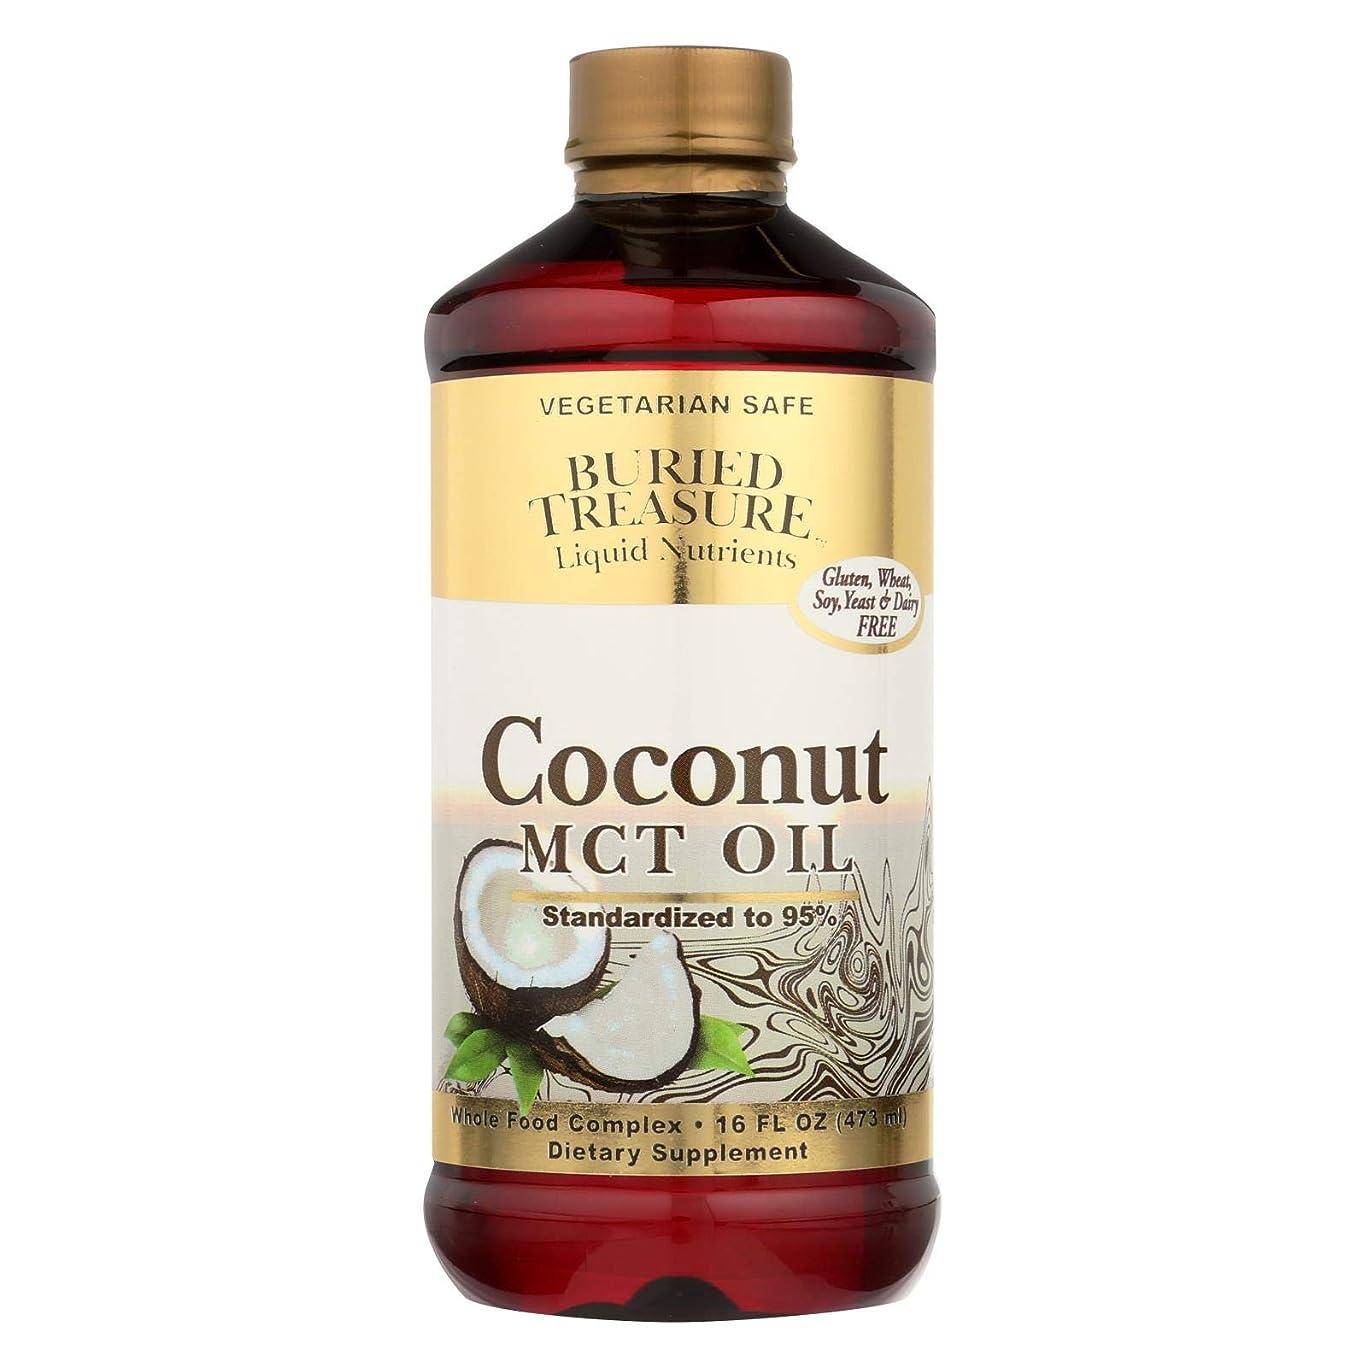 驚いた銃スピーチ海外直送品Coconut Oil MCT, 16 oz by Buried Treasure